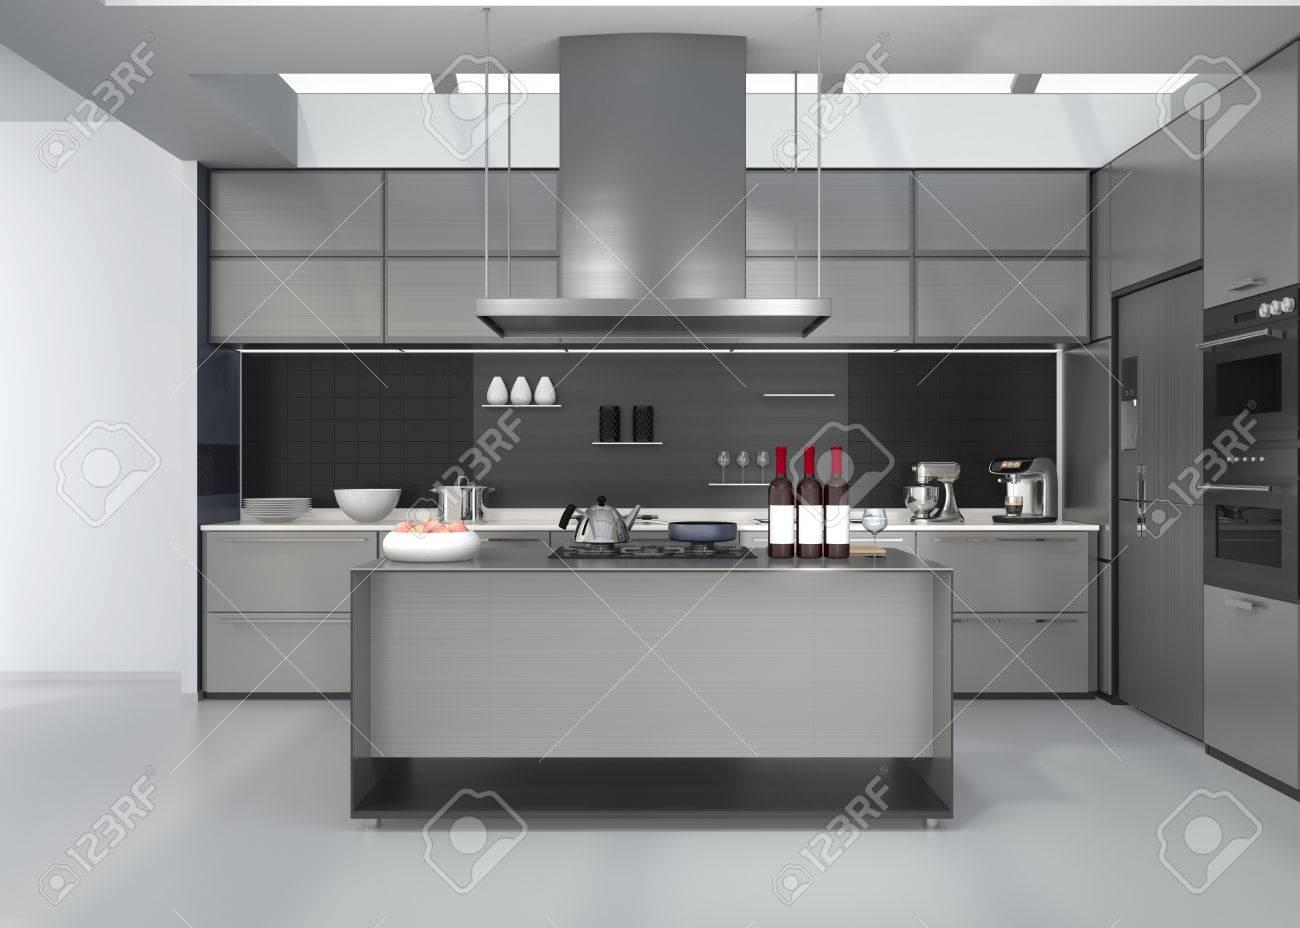 Moderne Küche Interieur Mit Intelligenten Geräten In Der Silbernen ...